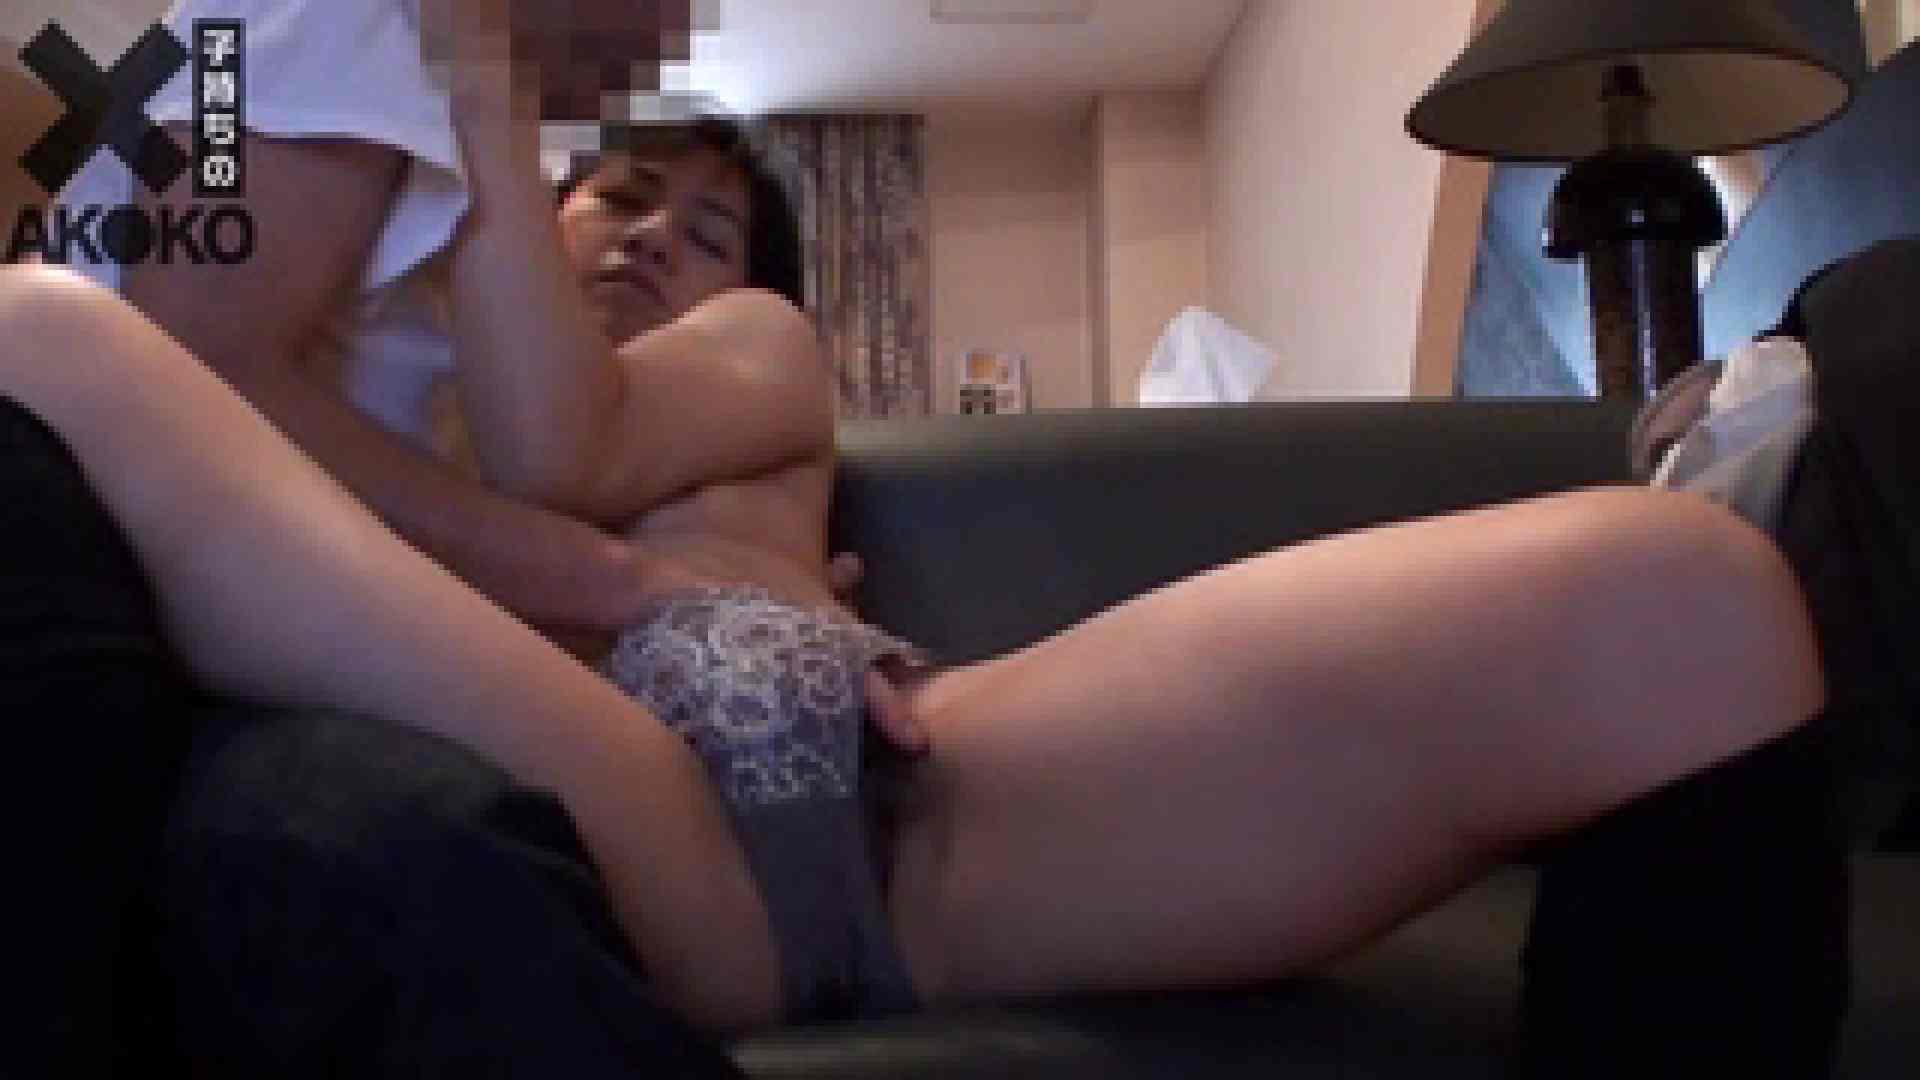 ×一子持ちの現役看護士AK I KOvol.2 ナースのセックス | 一般投稿  97画像 18